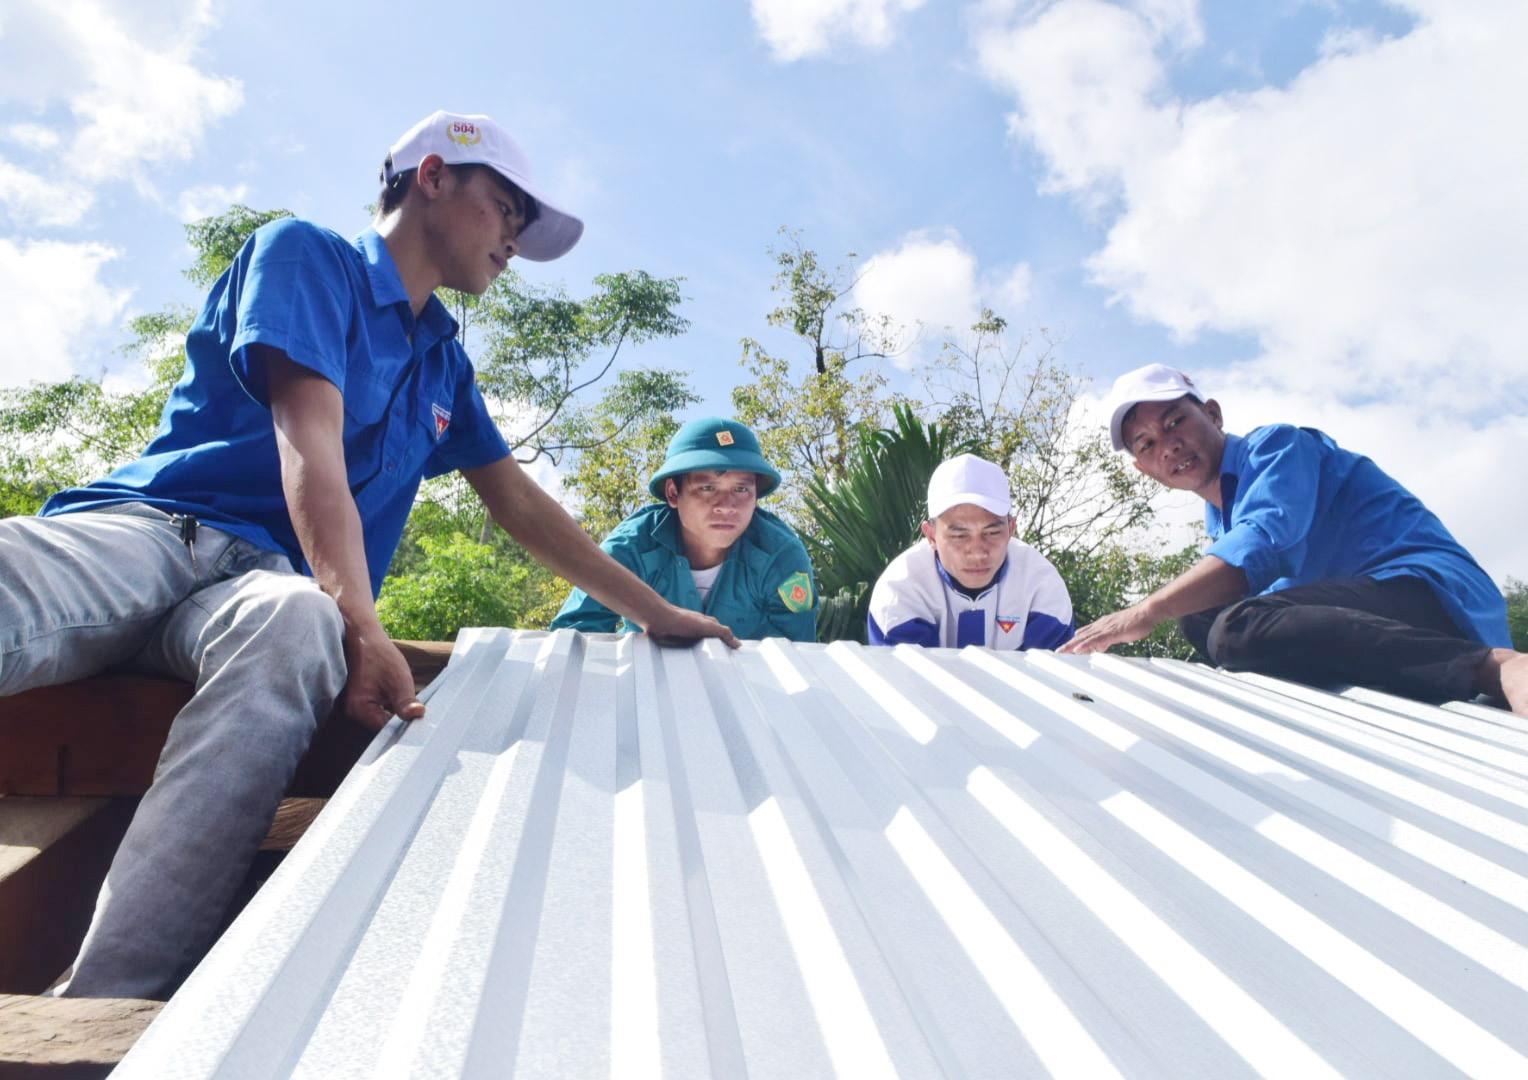 Đoàn viên thanh niên tham gia sửa chữa nhà cho các hộ dân tại xã Trà Ka, Bắc Trà My. Ảnh: THÁI CƯỜNG